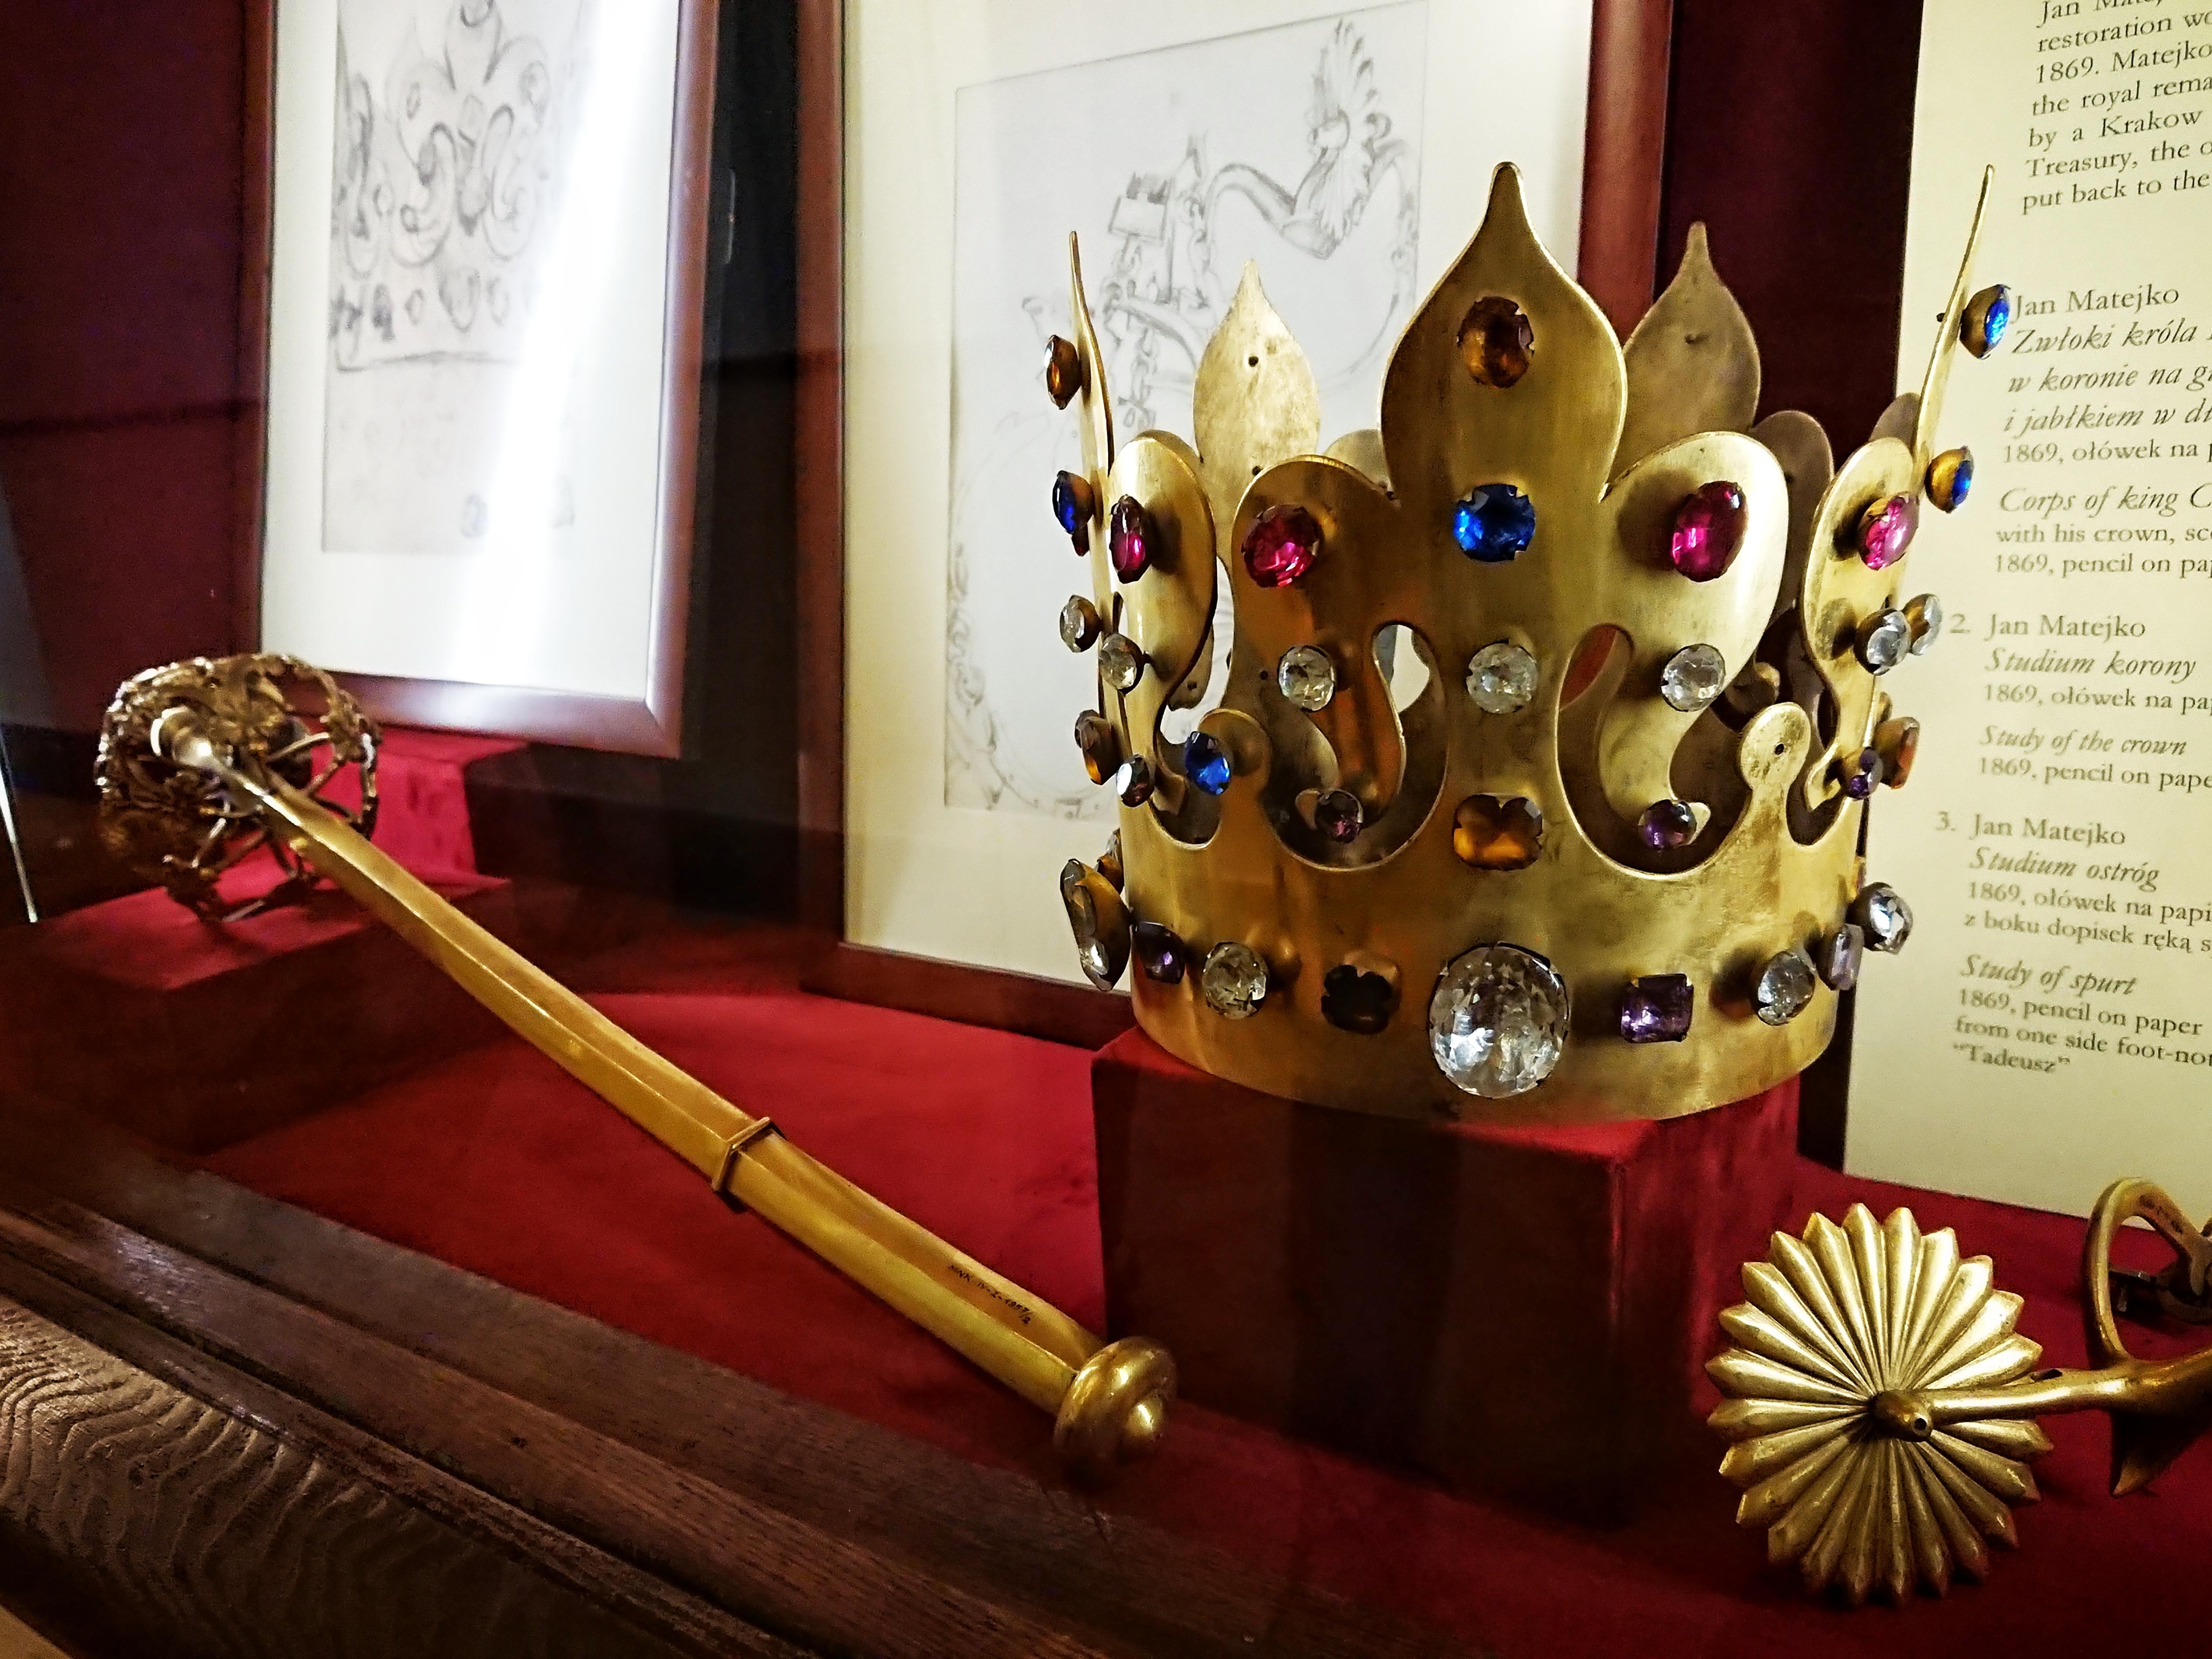 Replika korony i berła z grobu króla Kazimierza Wielkiego na ekspozycji w Domu Matejki, źródło: archiwum autorki